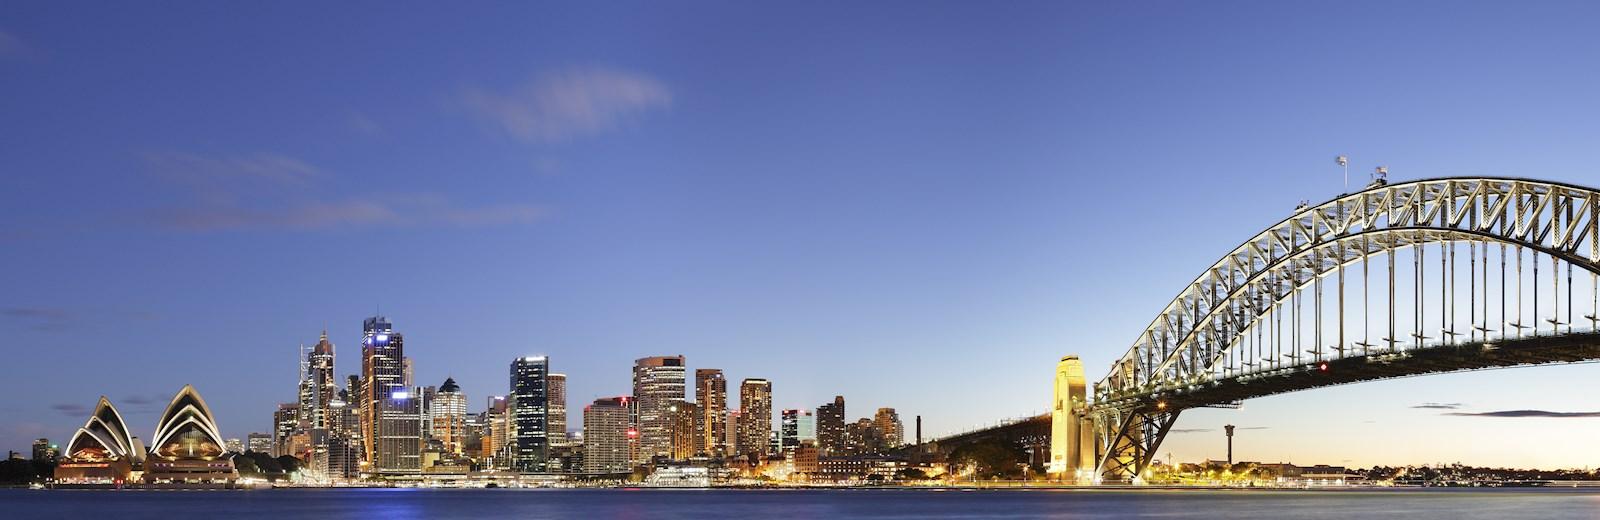 Sydney Harbour - Mace Group